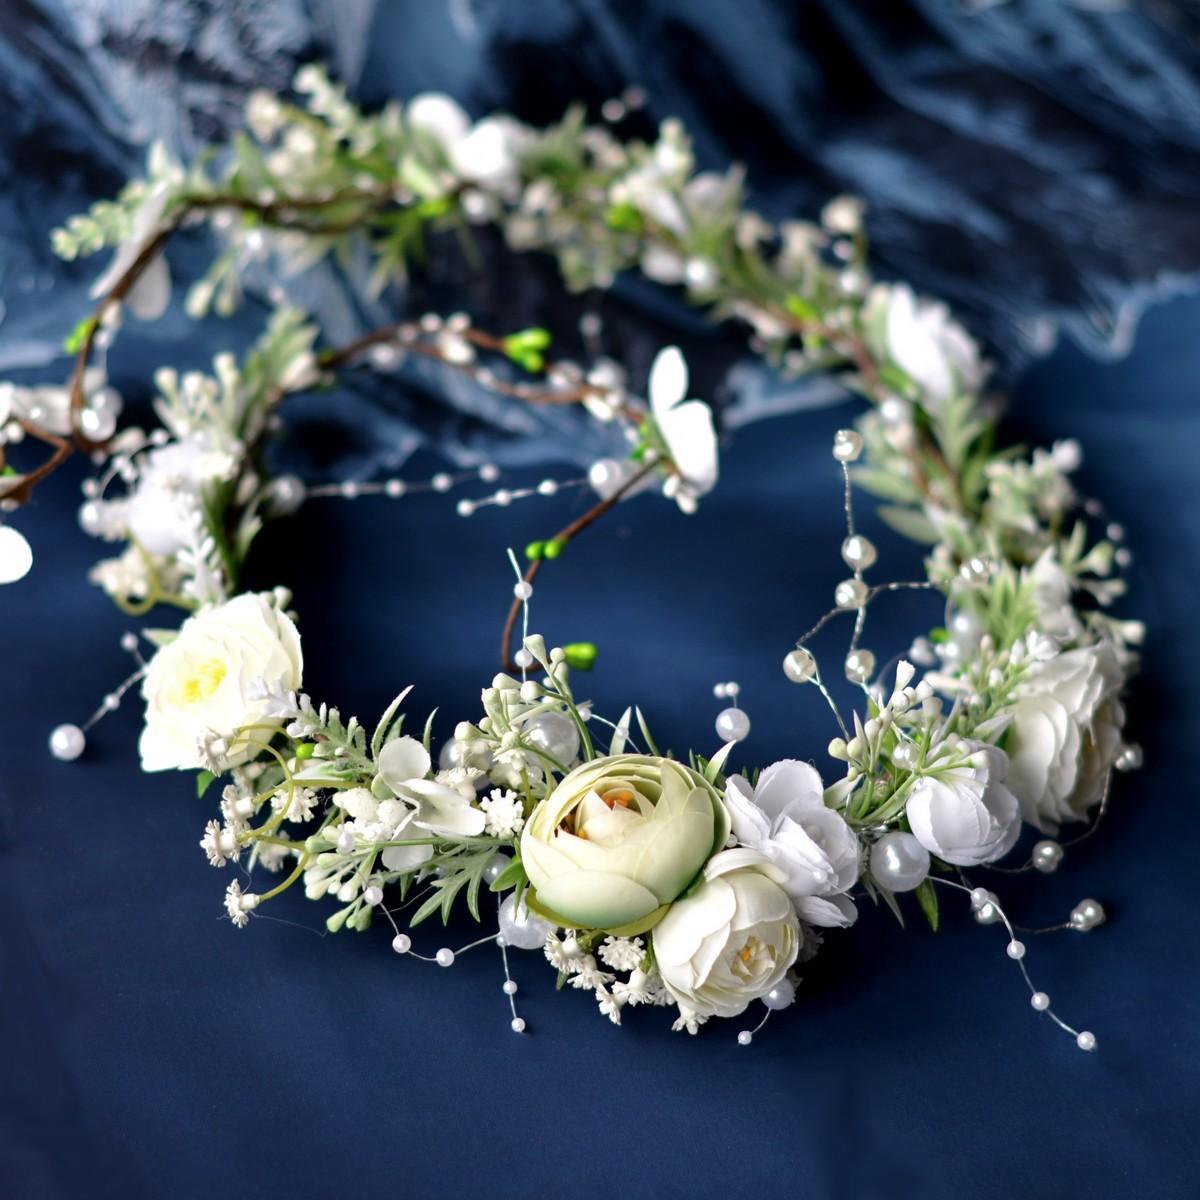 Květinové věnečky z umělých květin - https://www.kultdesign.cz/666design-cz/eshop/39-1-VENECKY